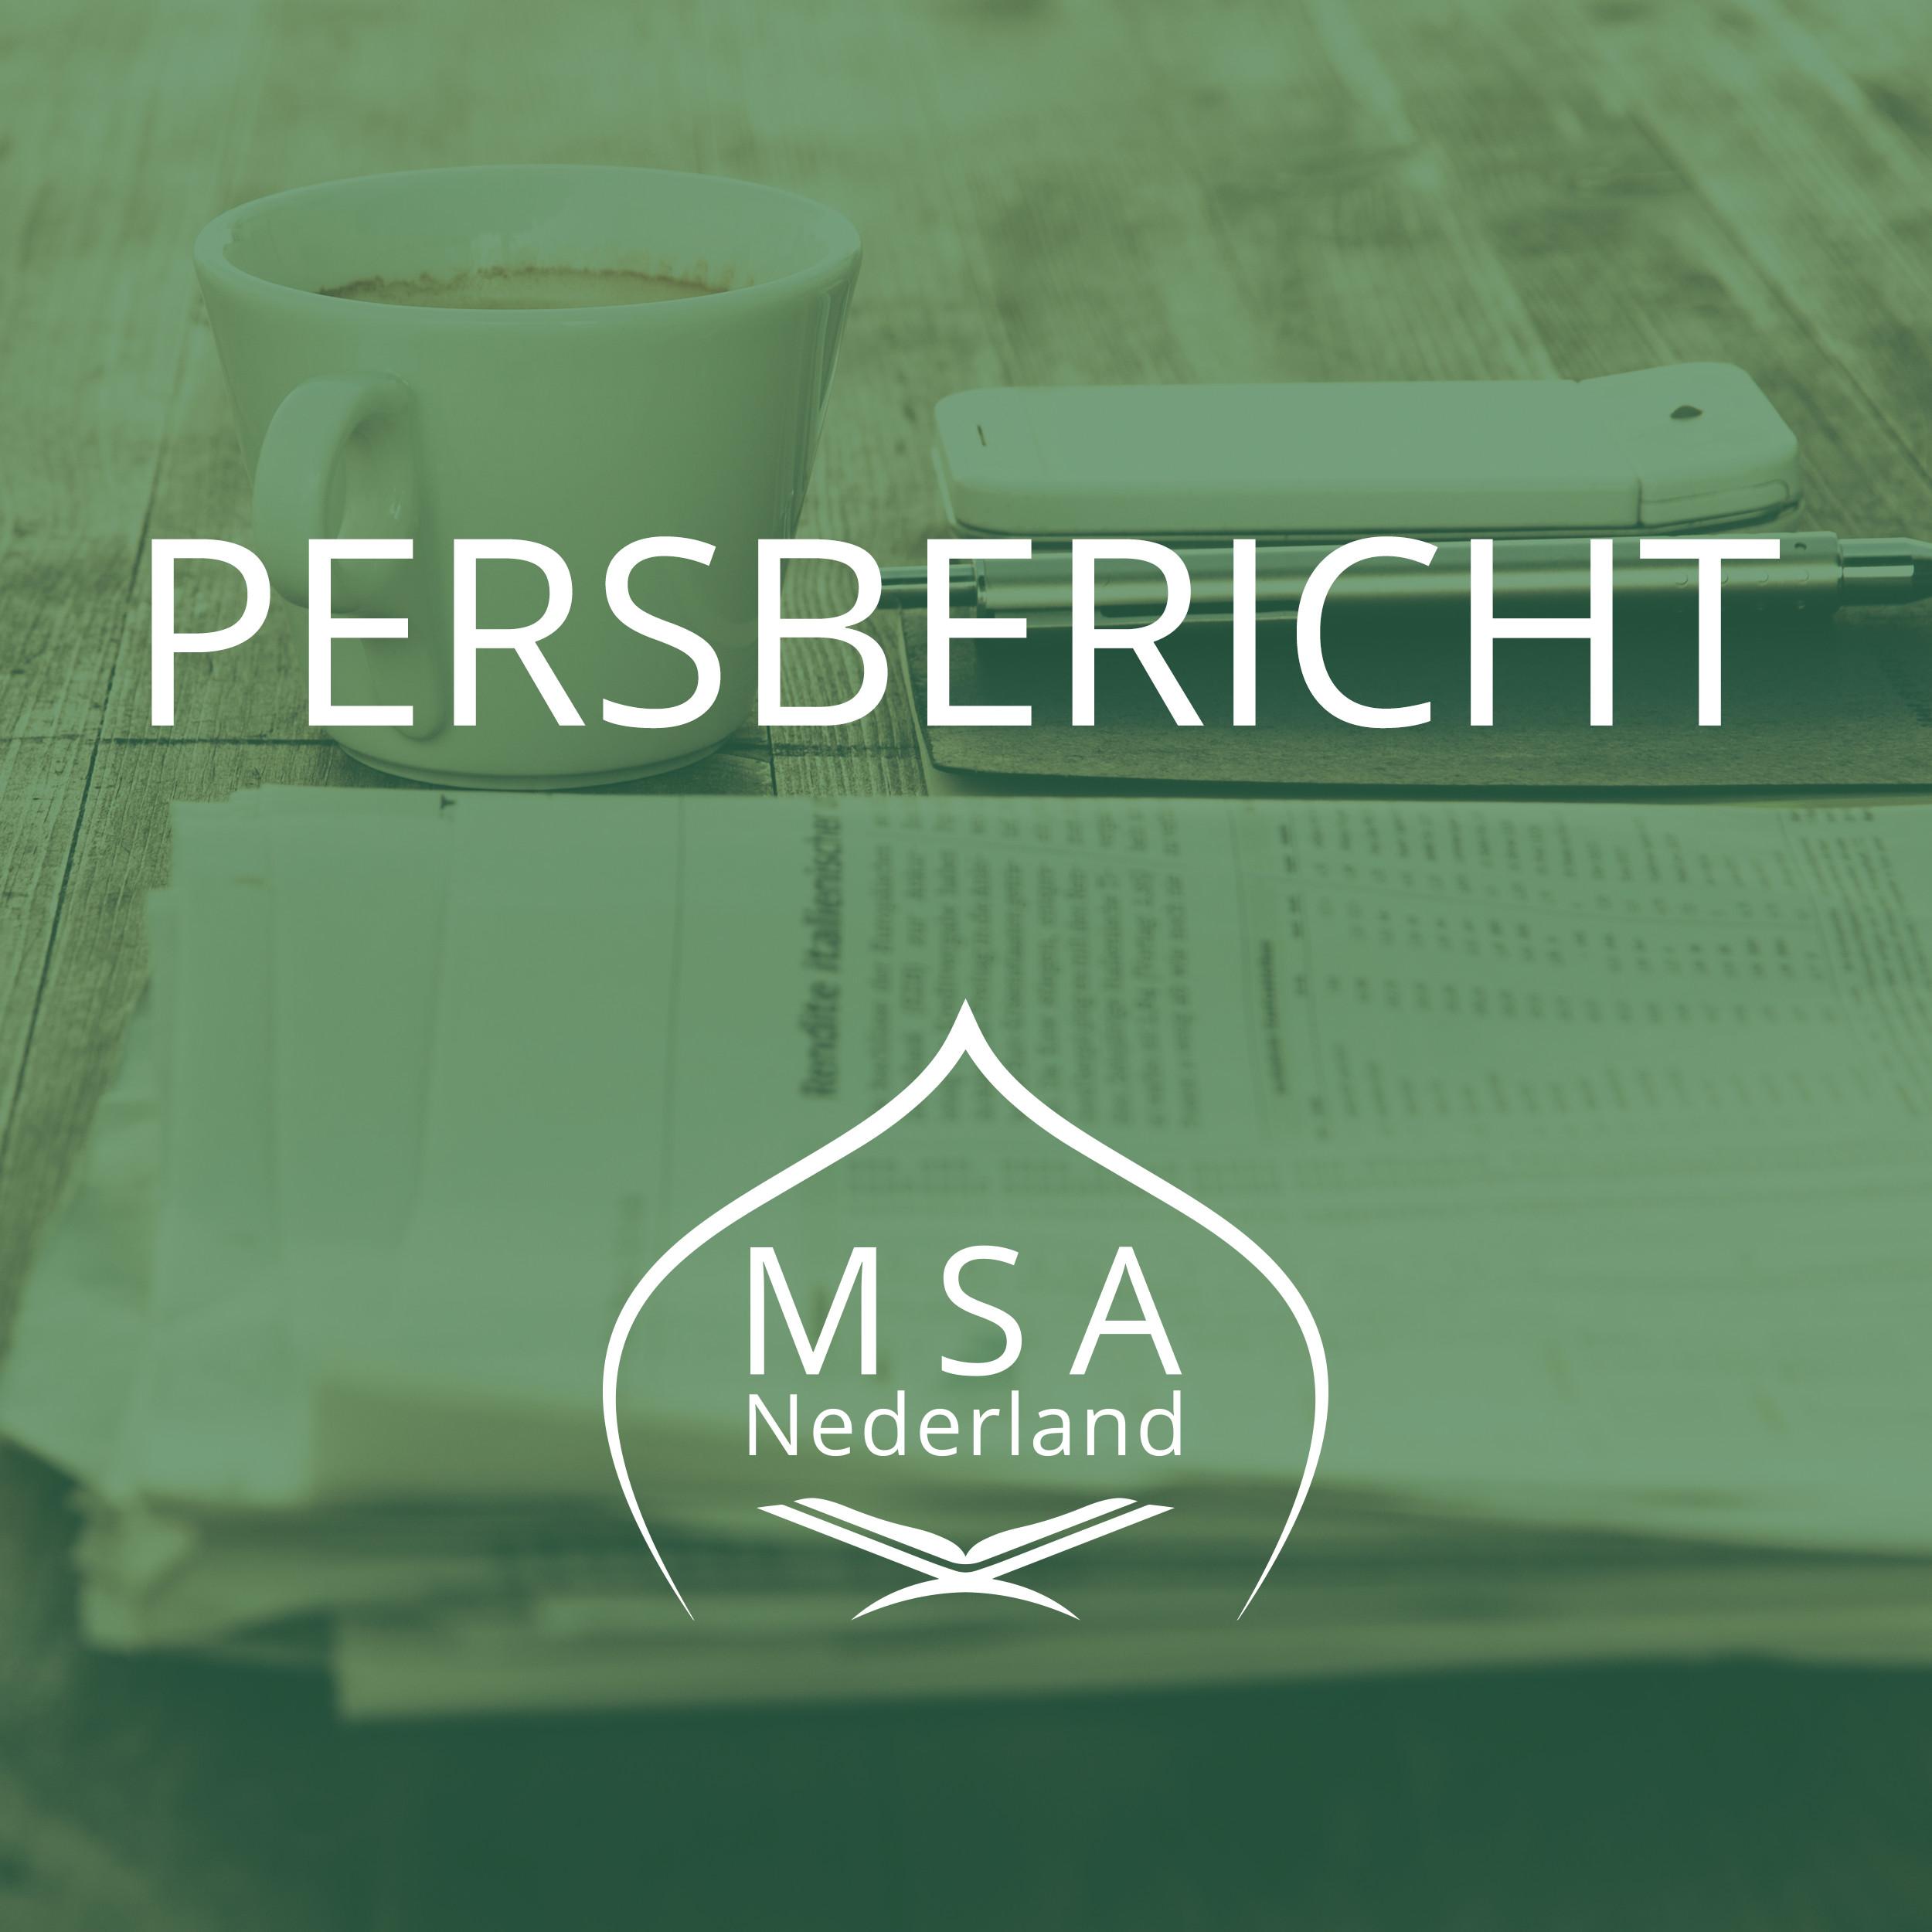 eerste-persbericht-msa-nederland